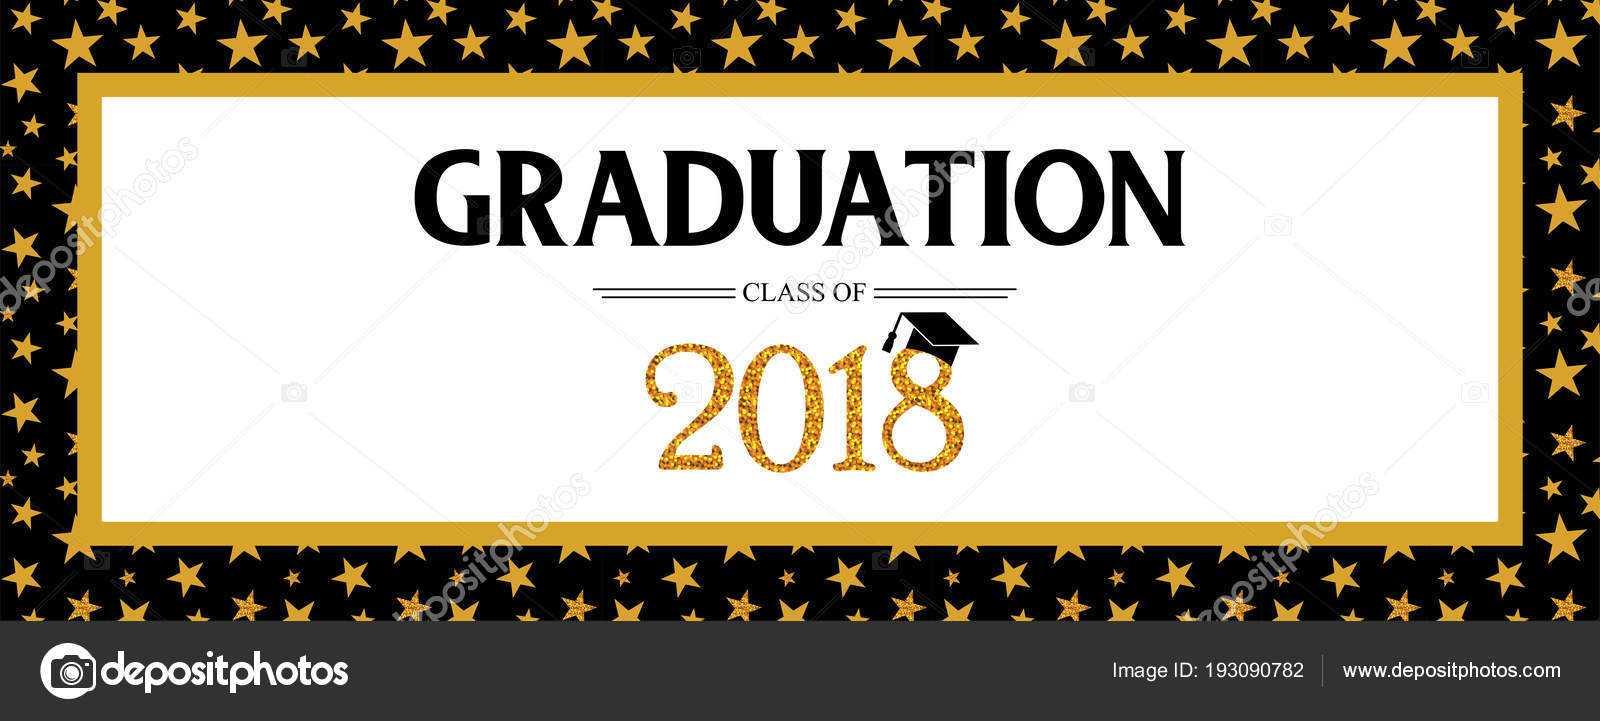 Graduation Banner Template   Graduation Class Of 2018 Within Graduation Banner Template